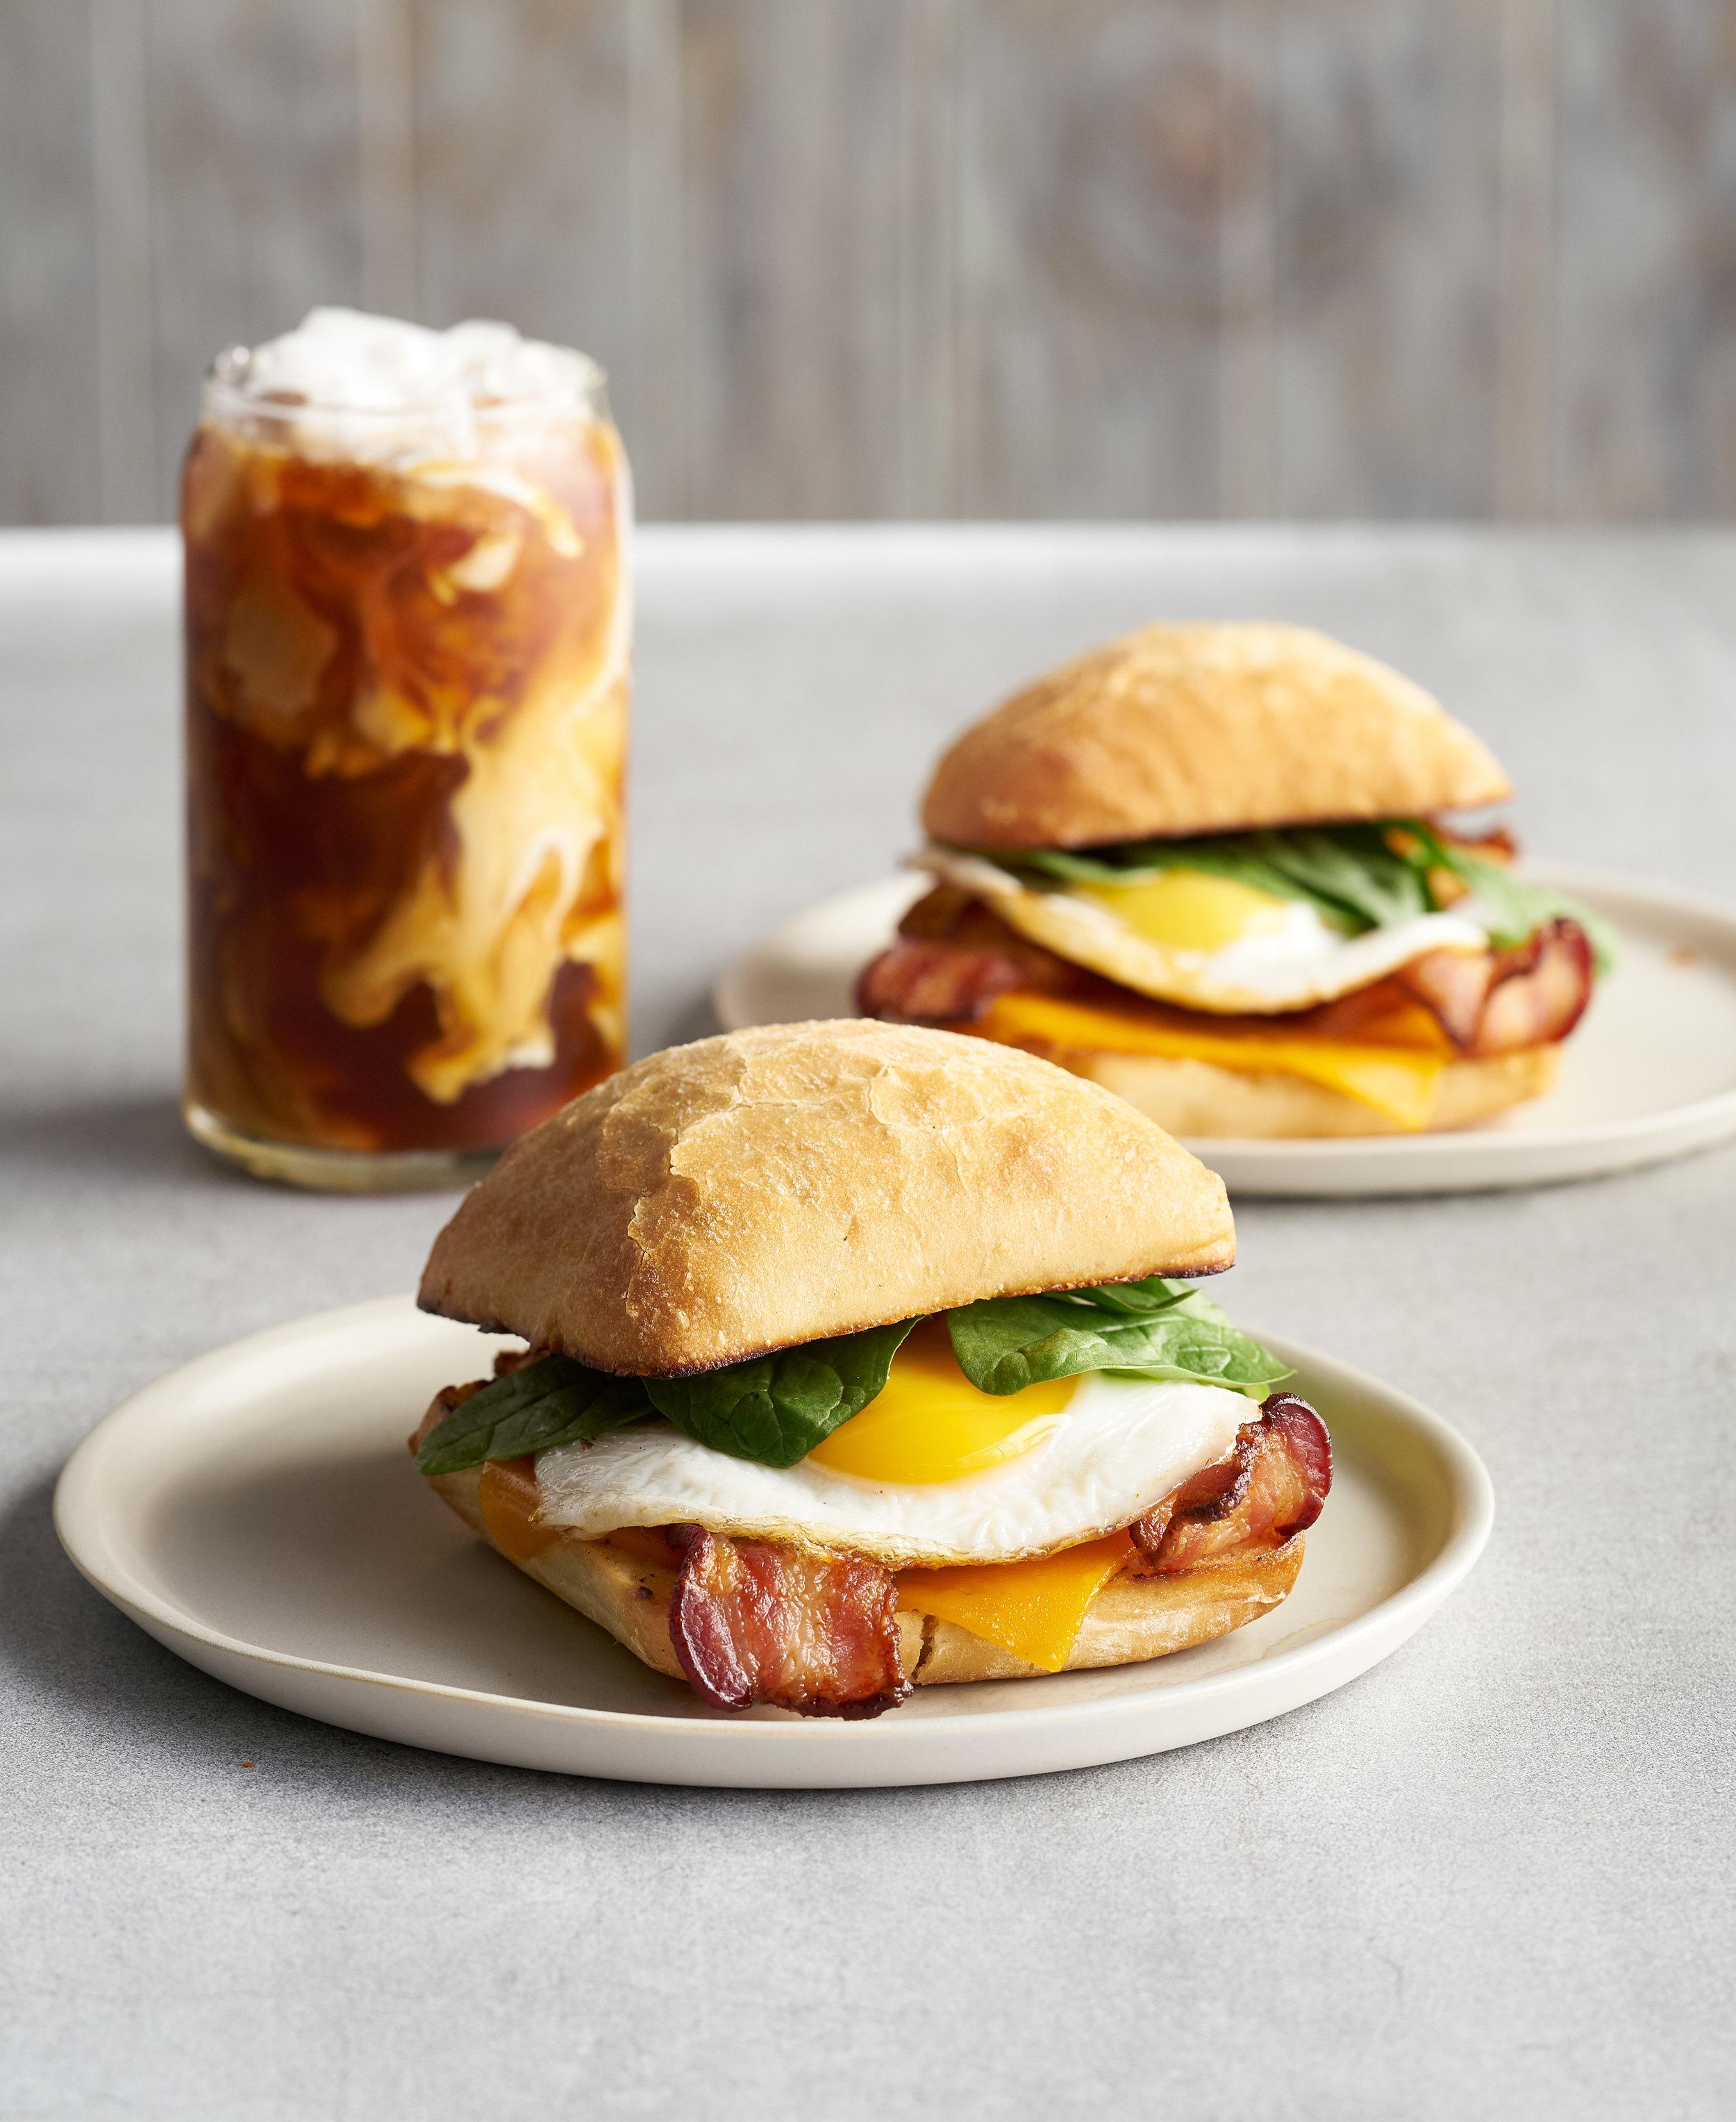 BreakfastSandwiches.jpg